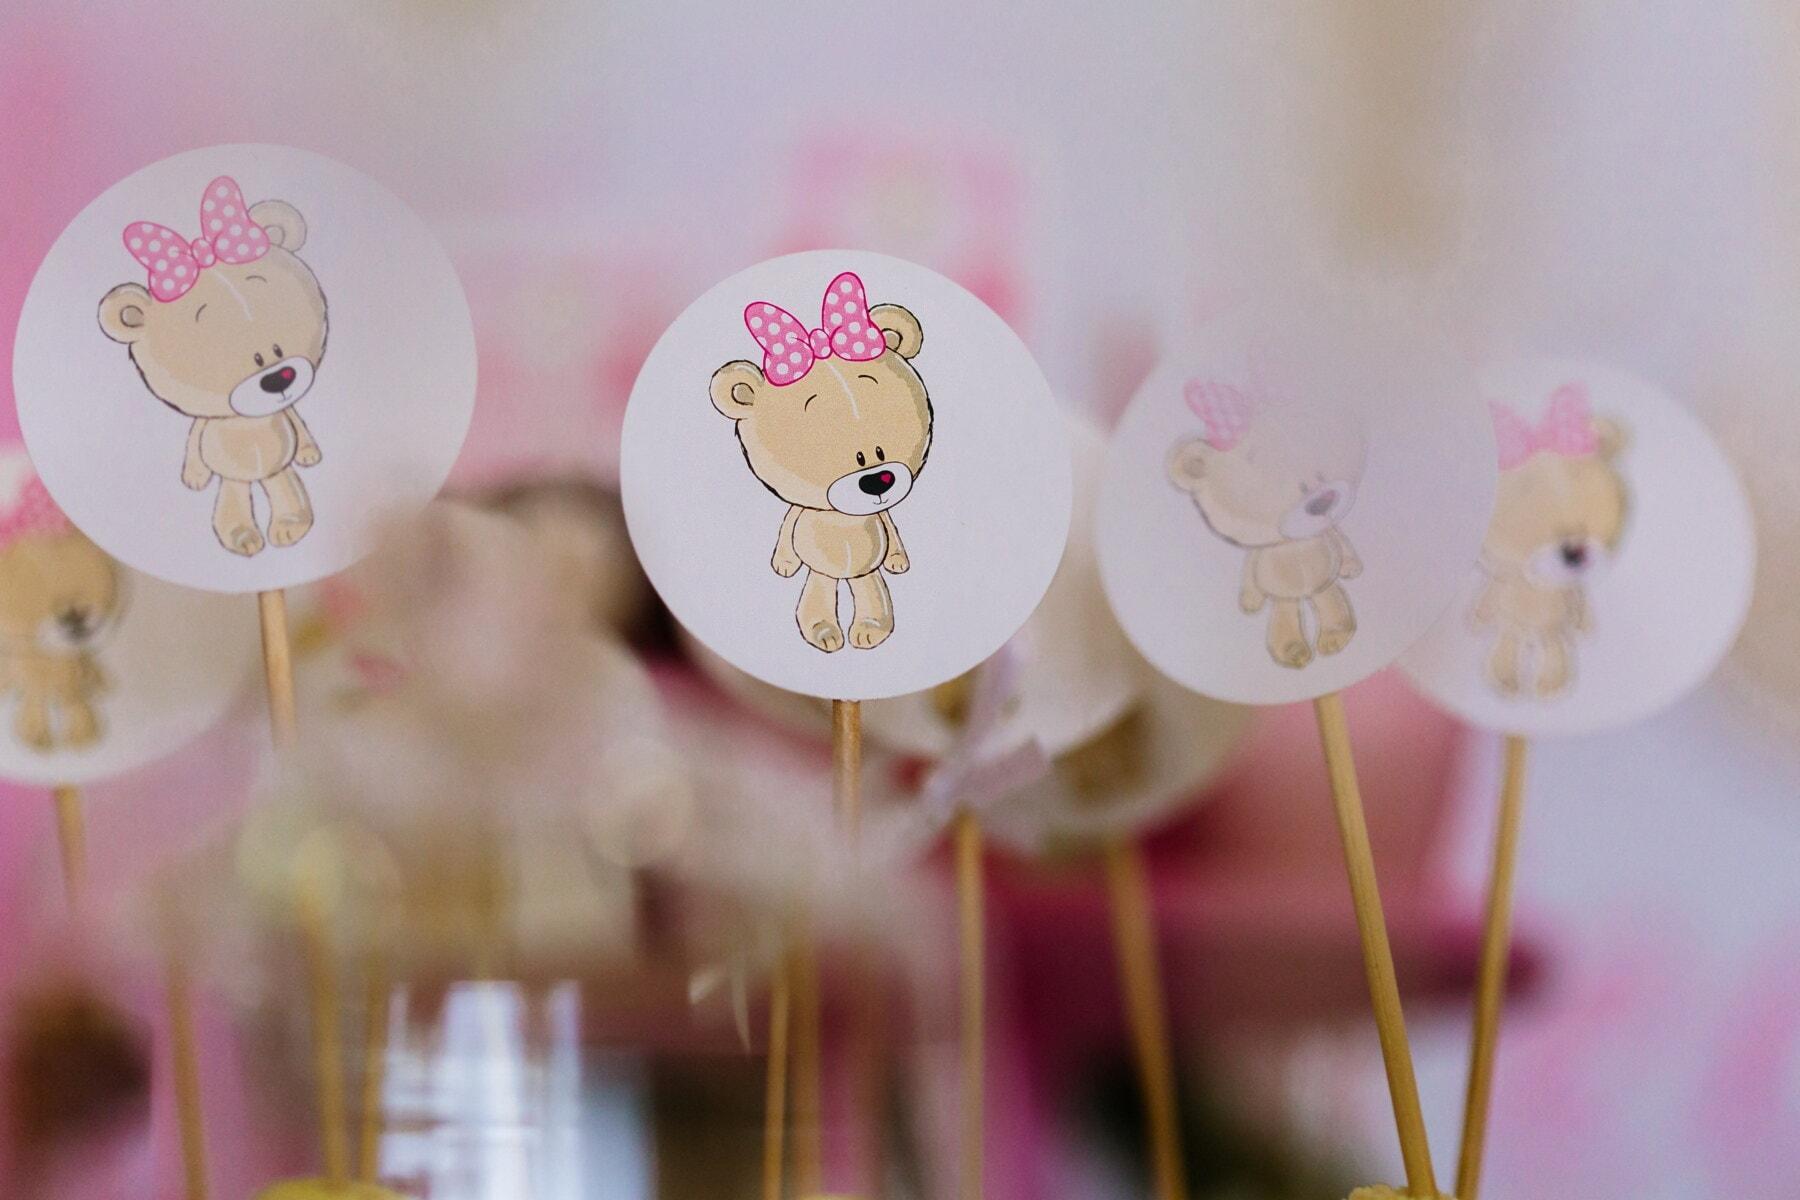 Valentinstag, romantische, Dekoration, Teddybär Spielzeug, Stöcke, Liebe, Feier, Design, Romantik, Farbe